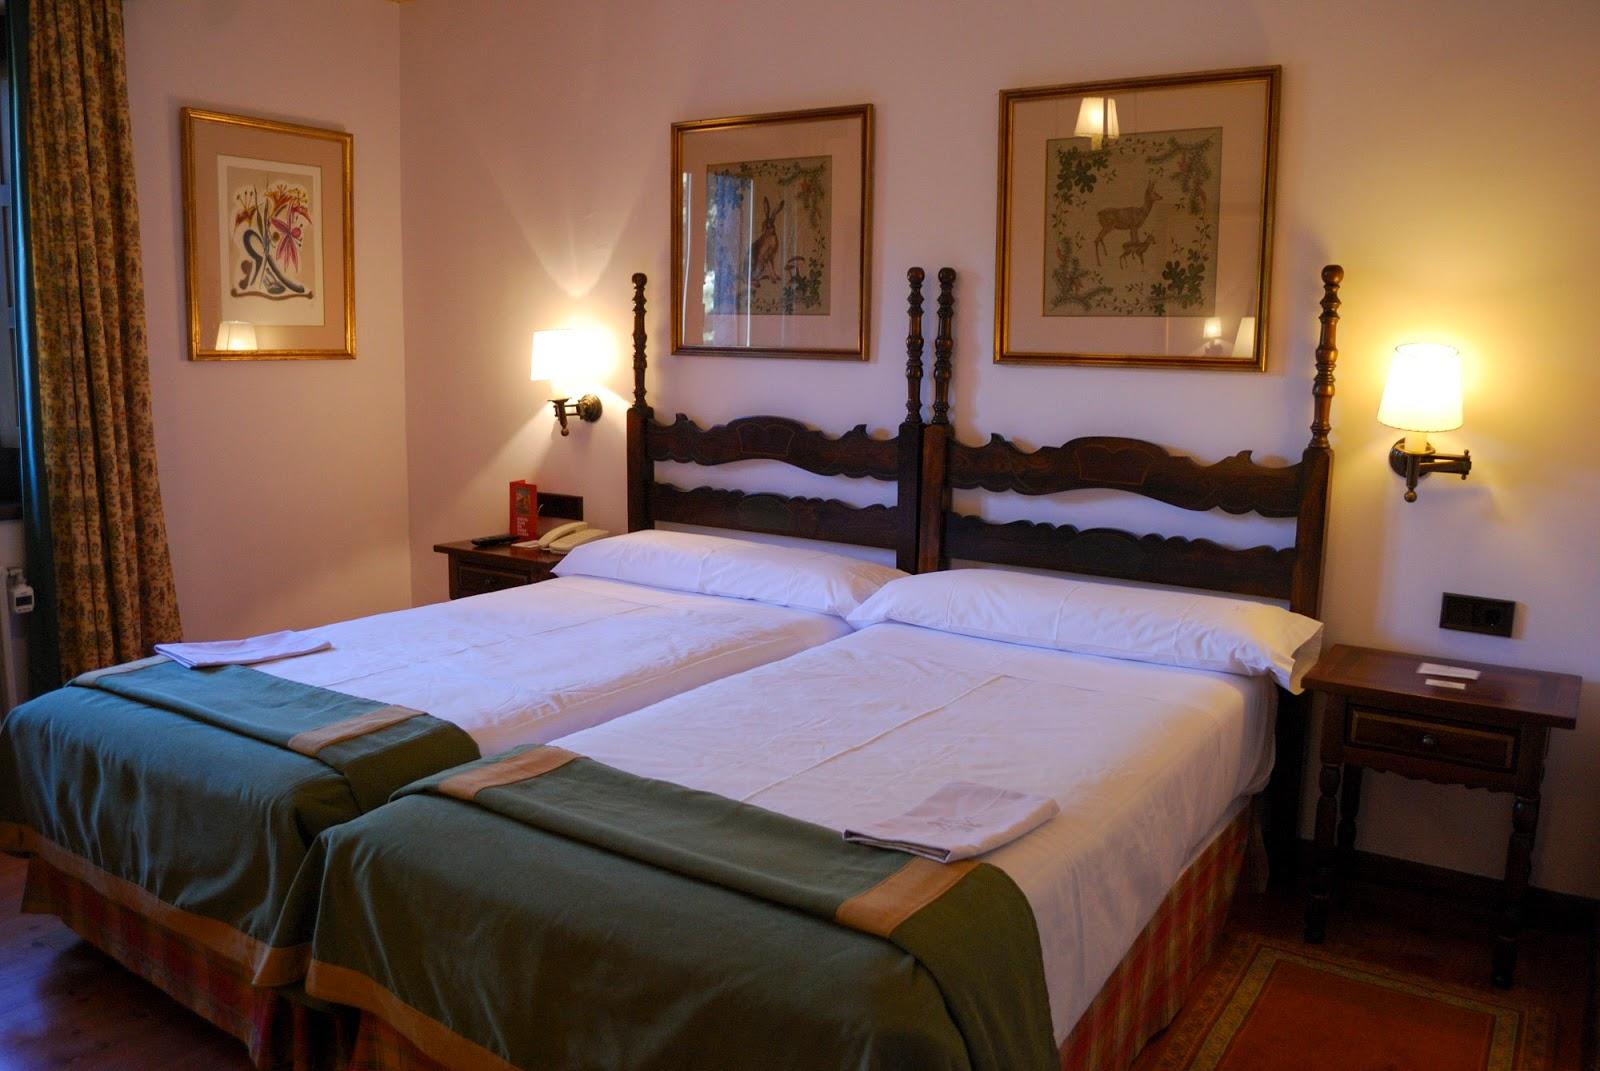 parador gredos sierra room habitacion luxury hotel spain